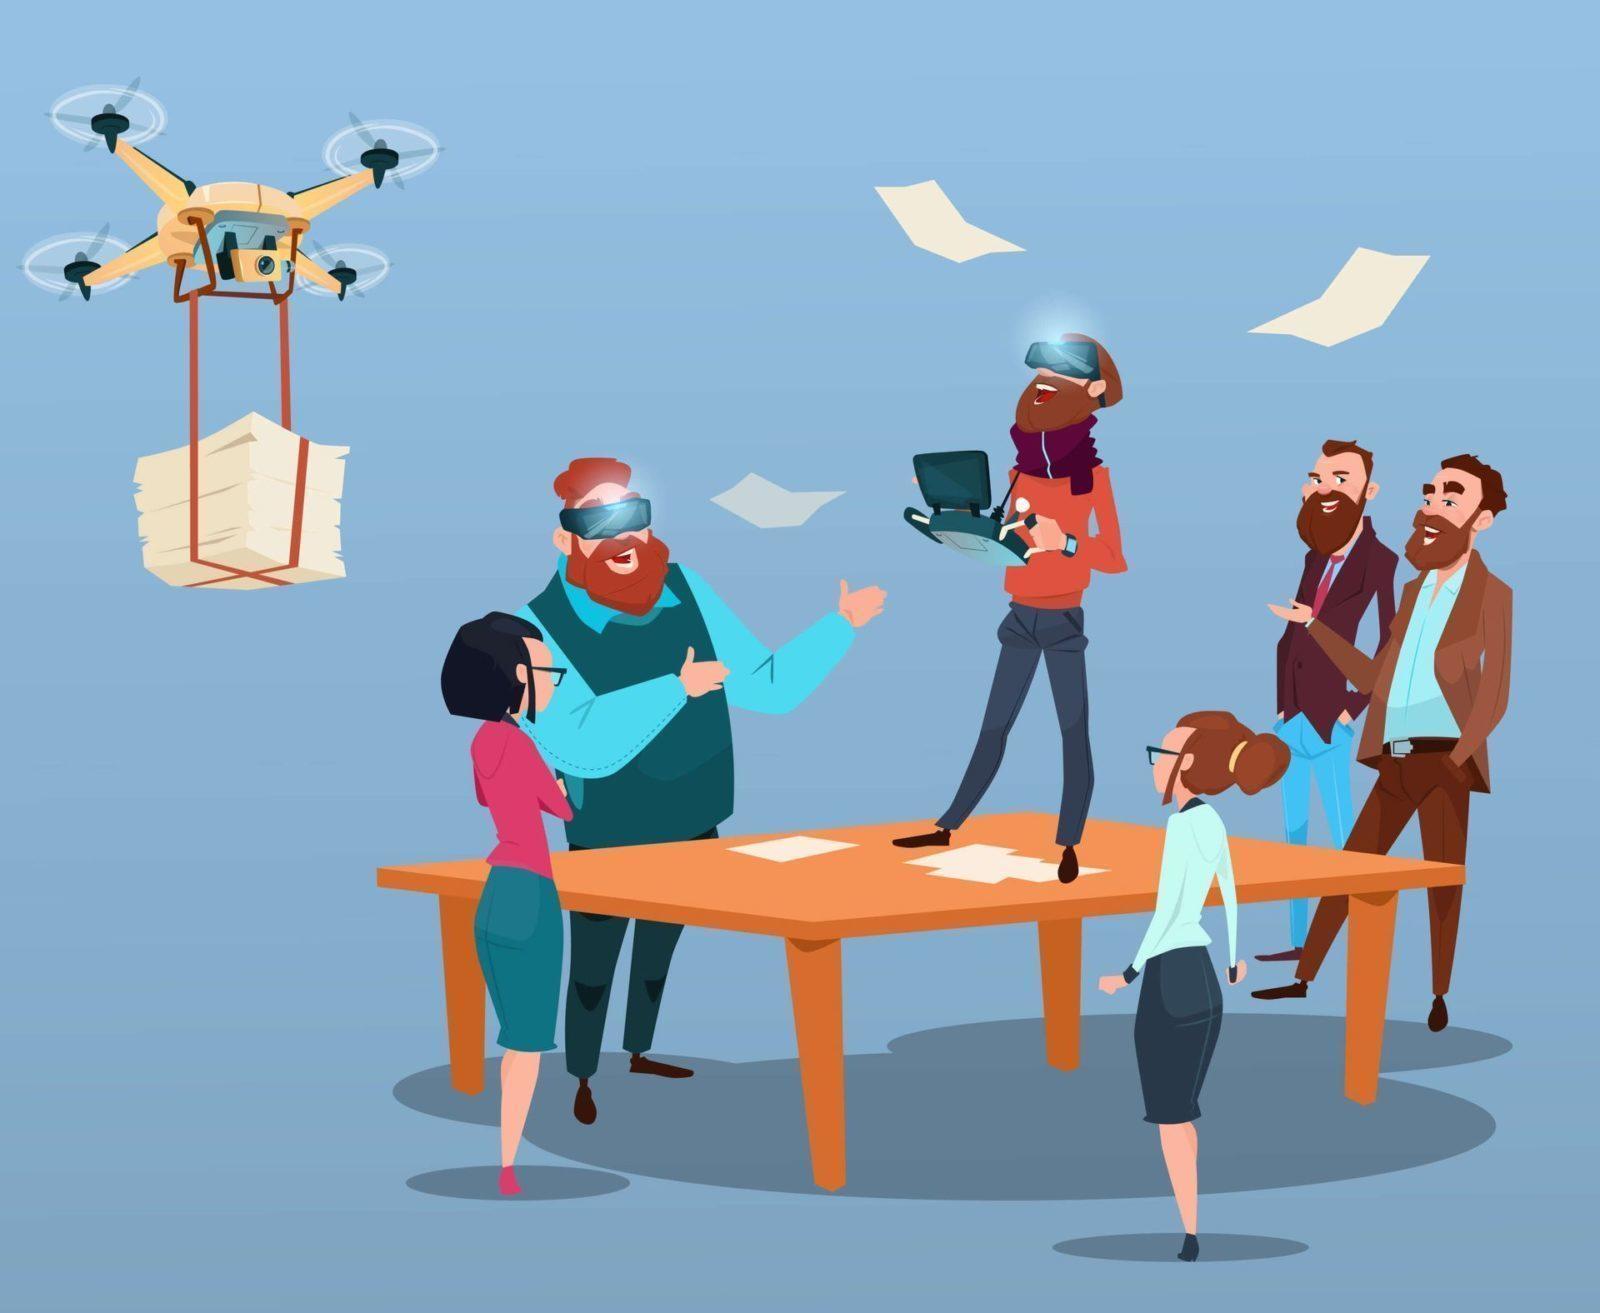 флэт инфографика Итшники стартапы стартаперы предприниматели ИТ